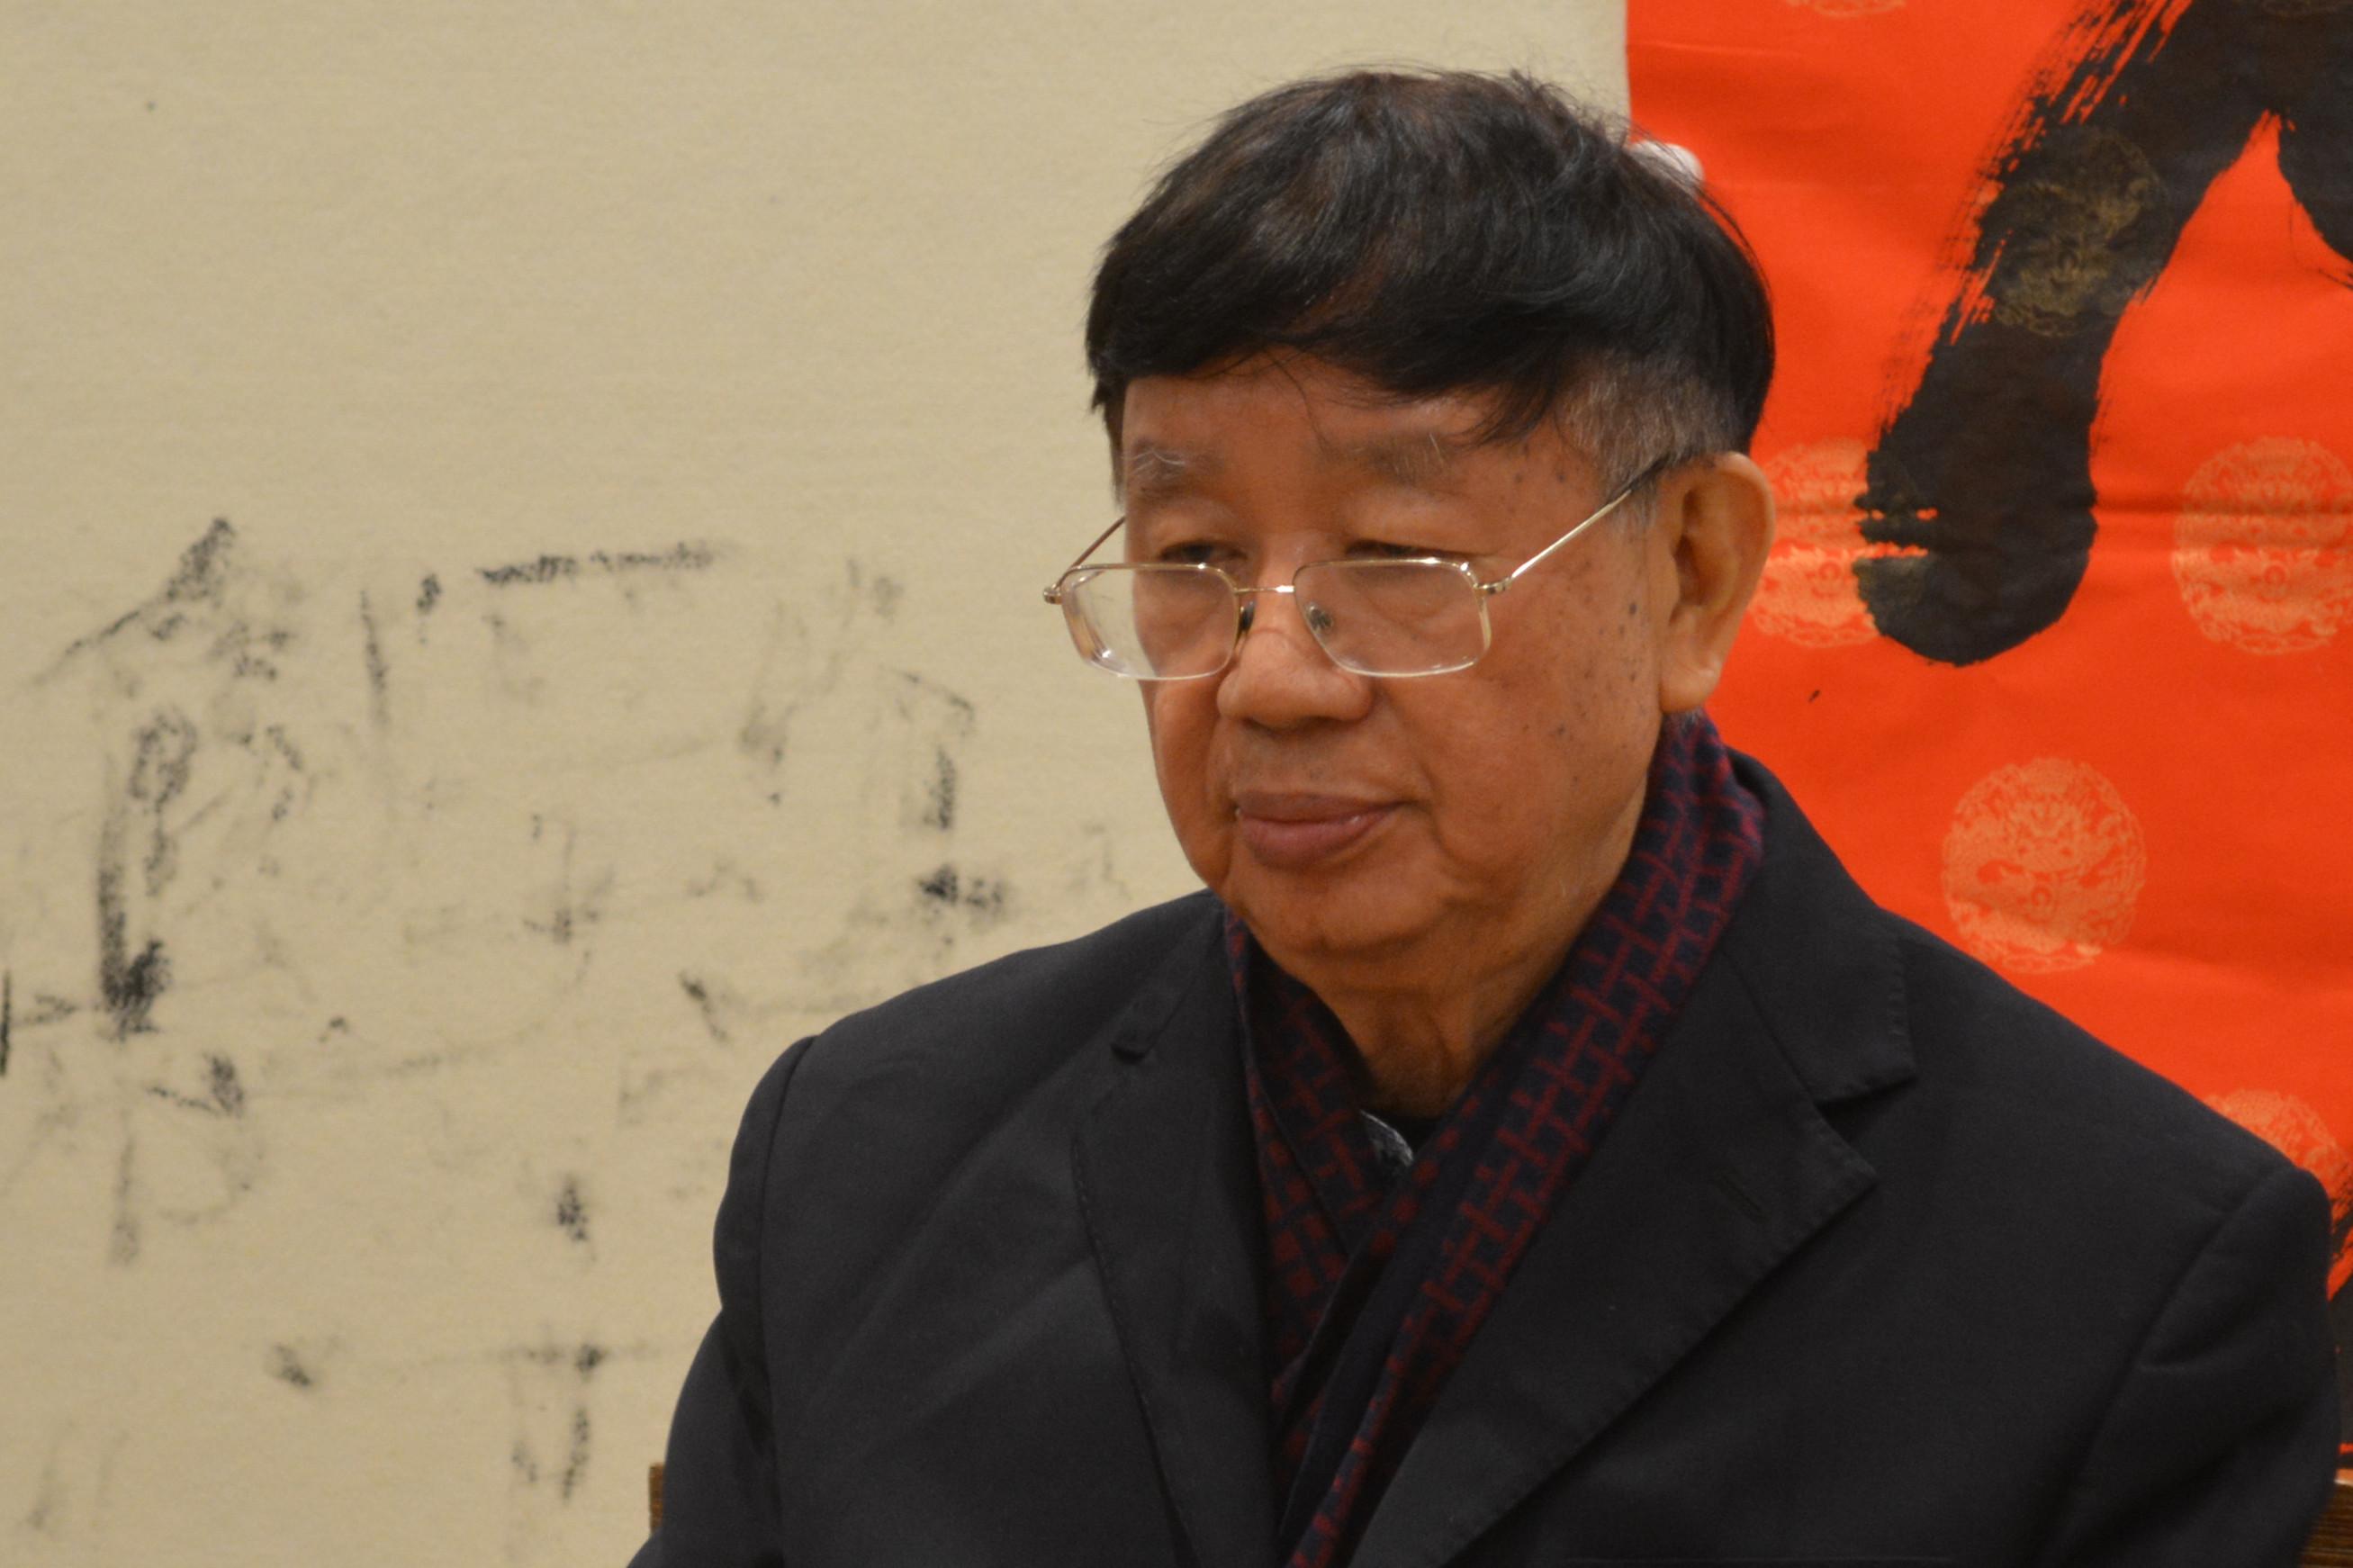 哲學大師成中英教授:建設一流大學需要激活中國文化精華與學術良知人格